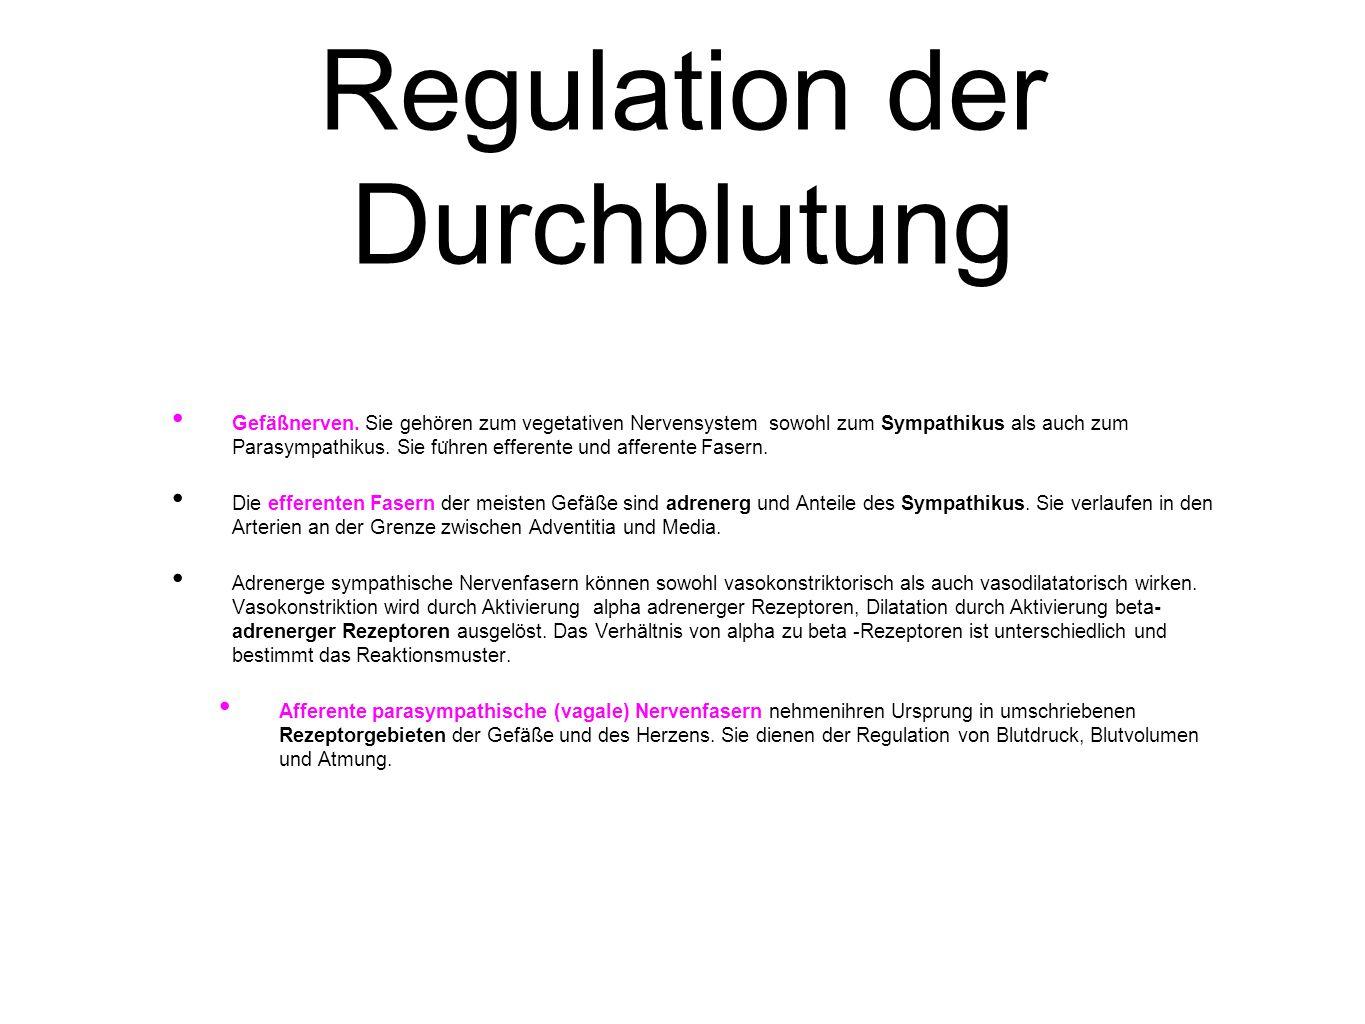 Regulation der Durchblutung